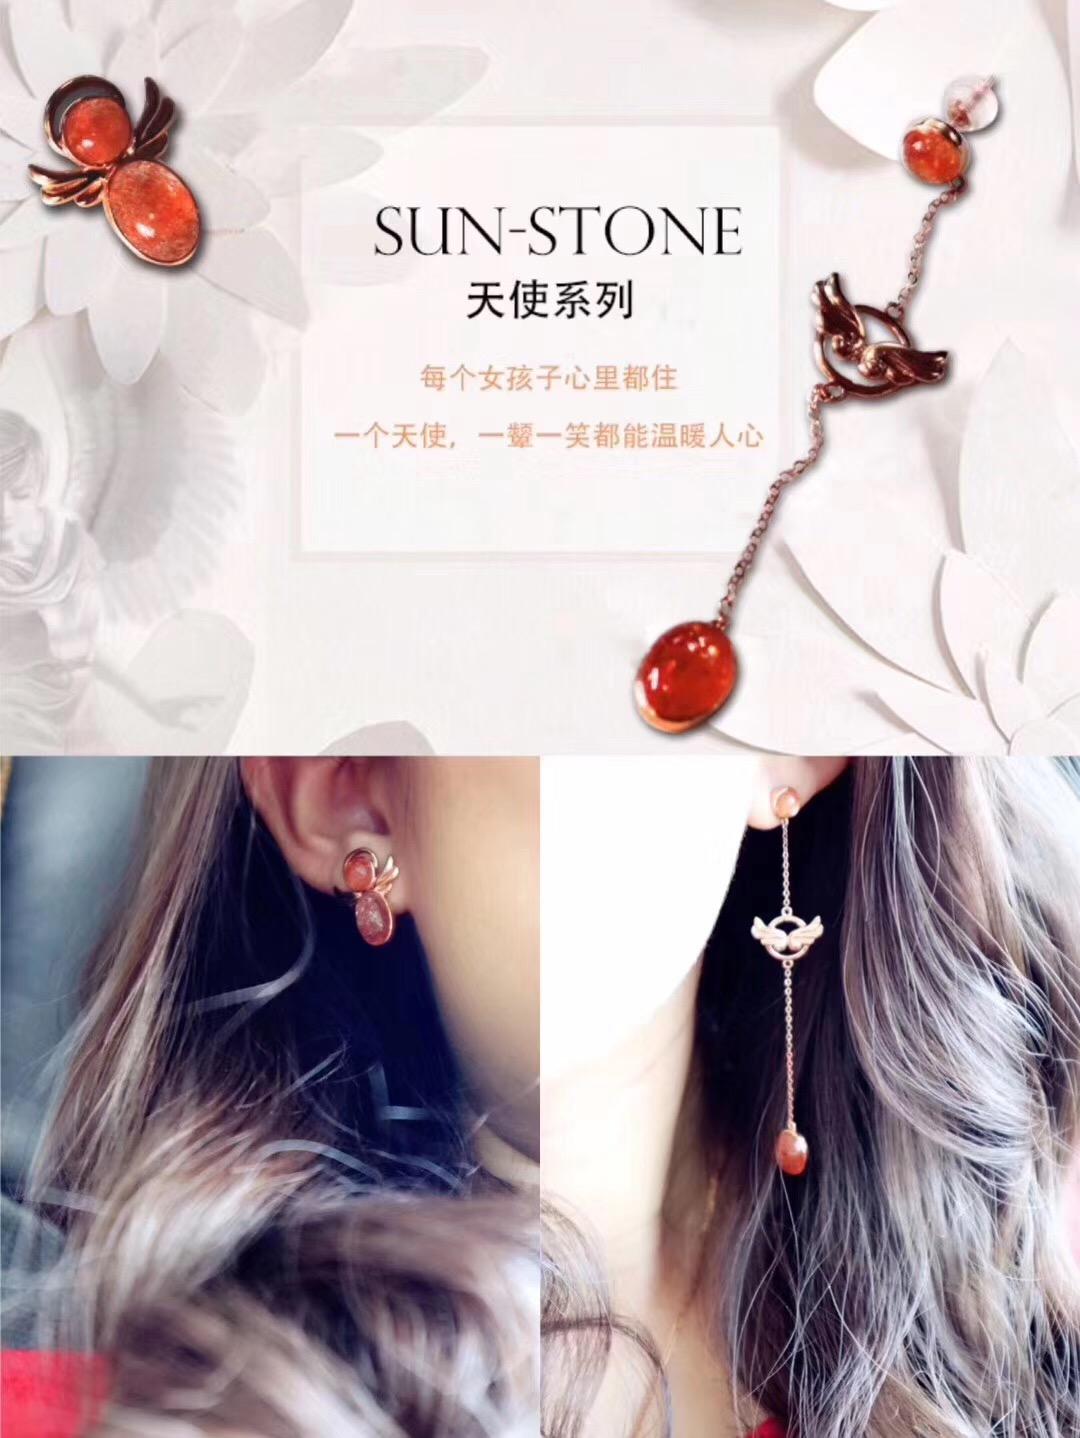 【菩心-太阳石】极品的太阳石,稀有的程度堪比黑银钛晶-菩心晶舍